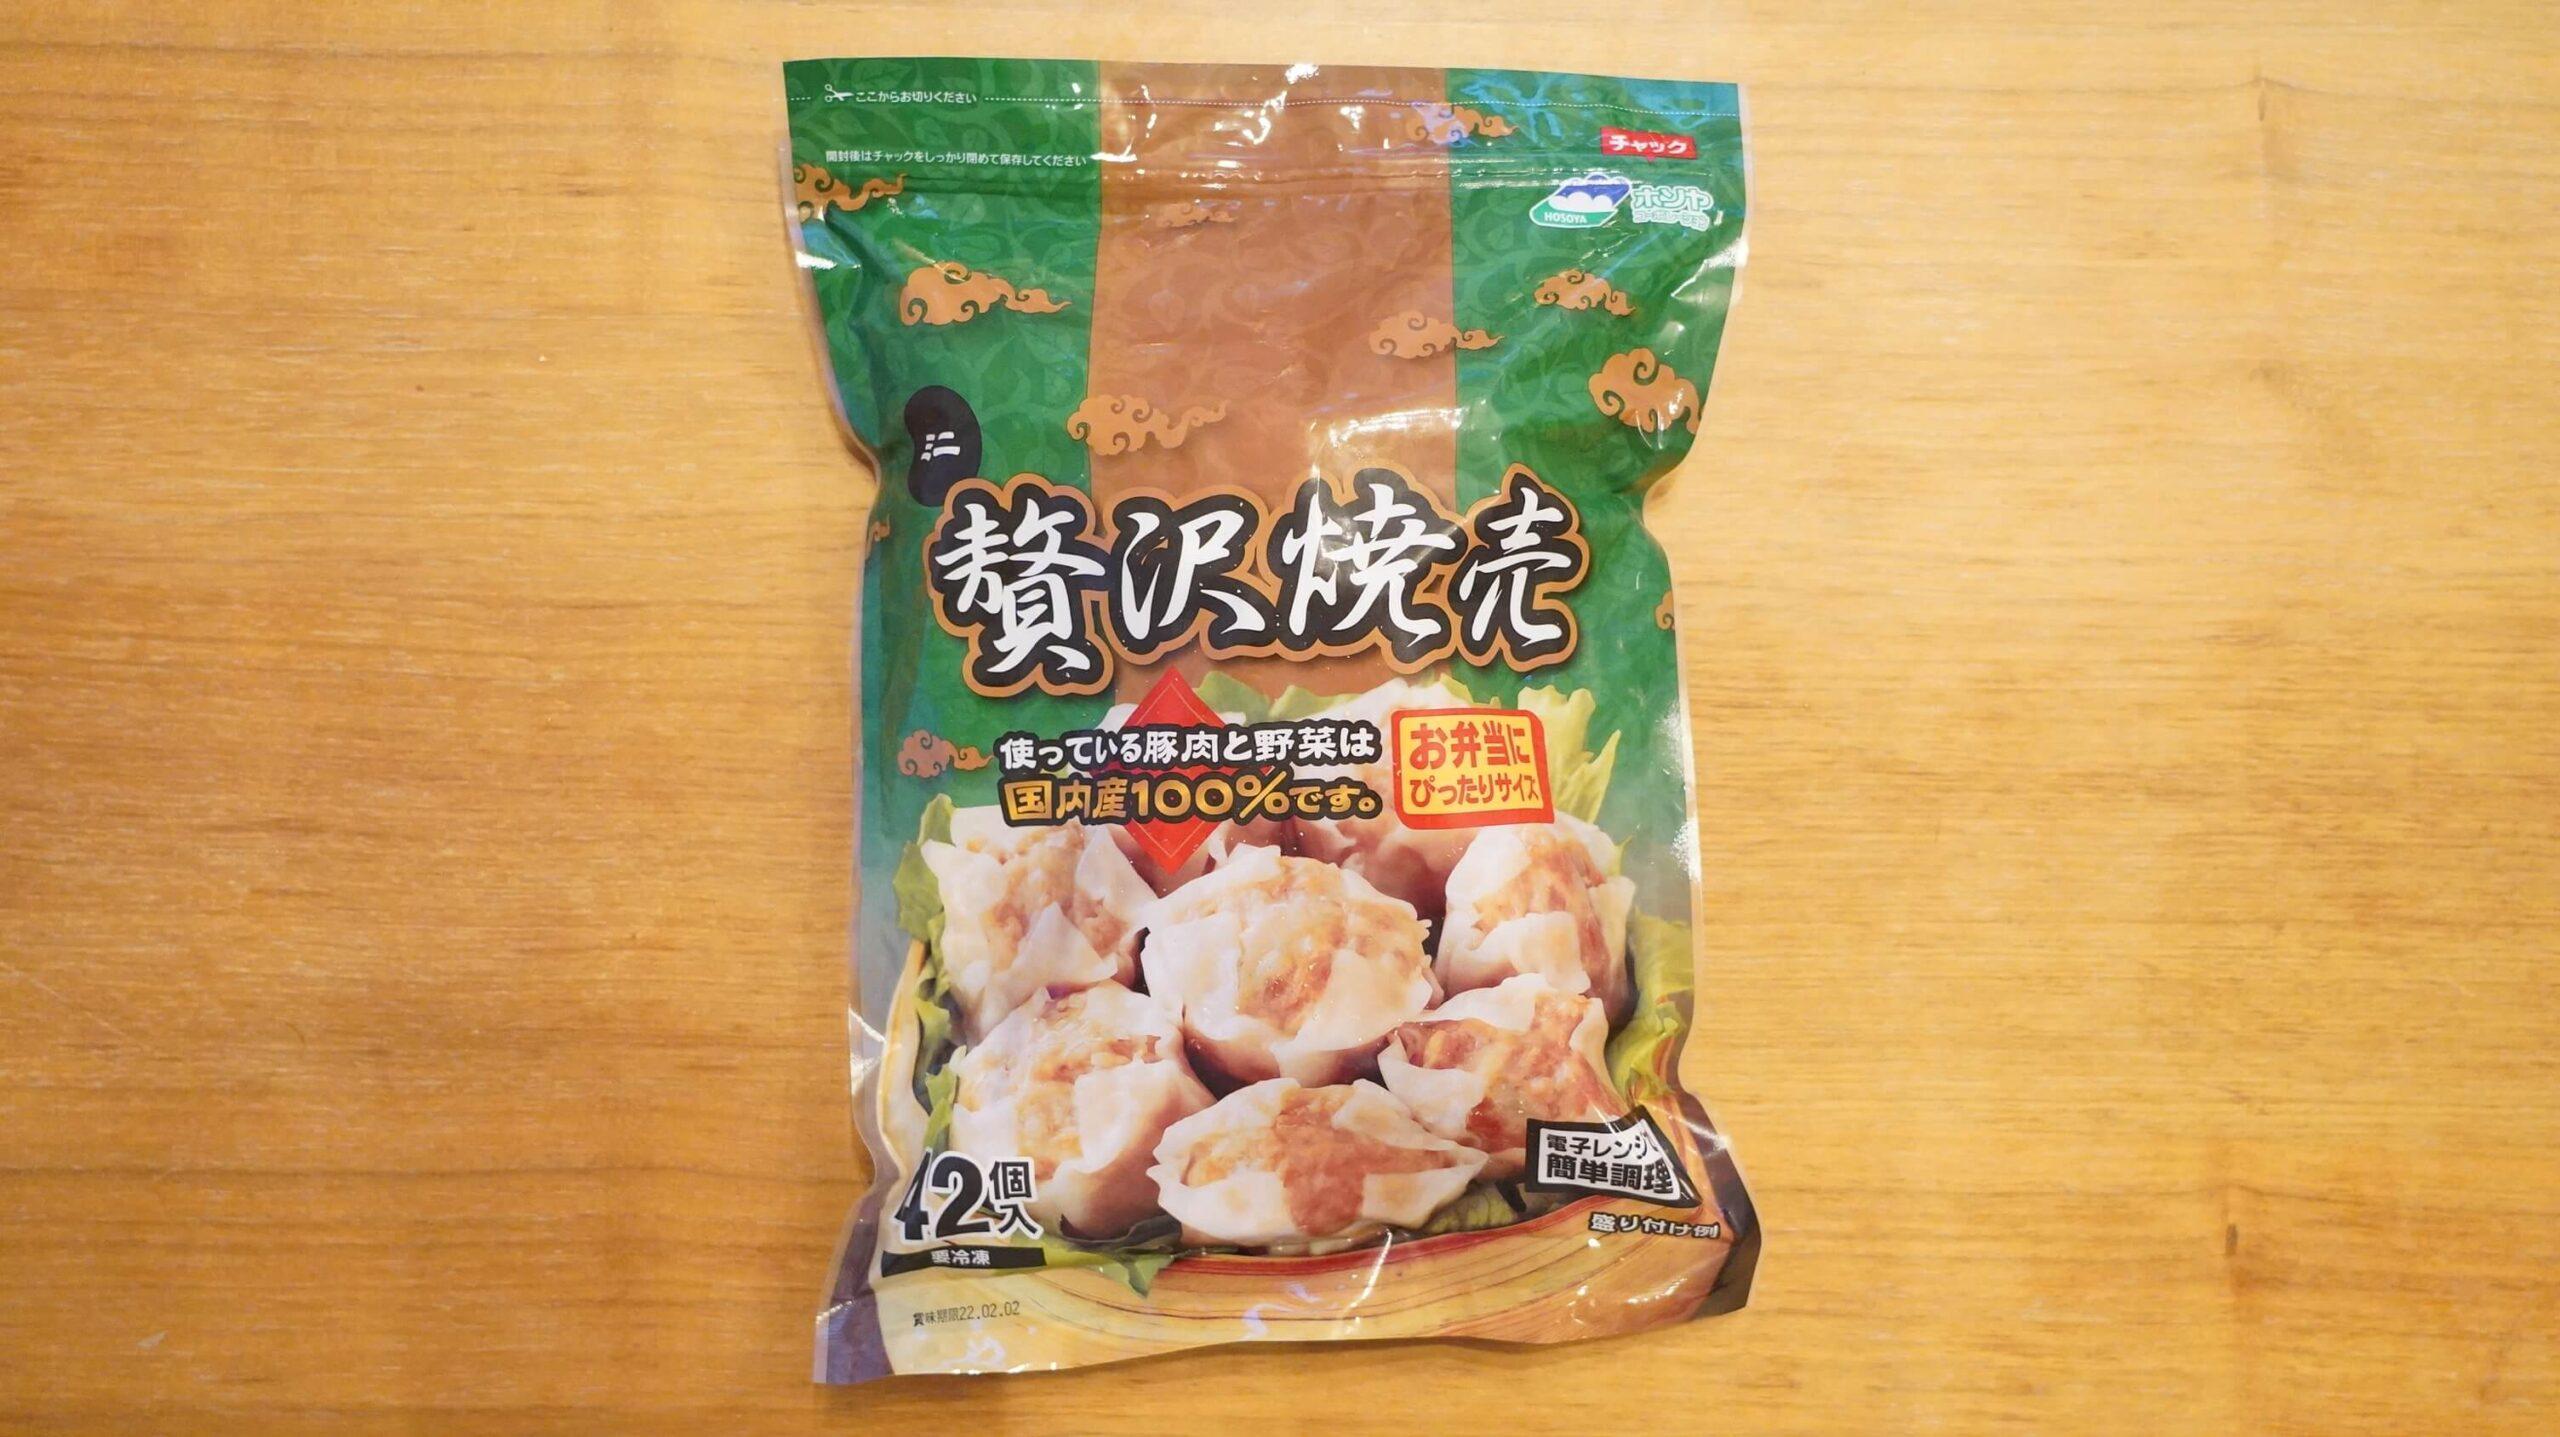 コストコのおすすめ冷凍食品「贅沢焼売」のパッケージ写真